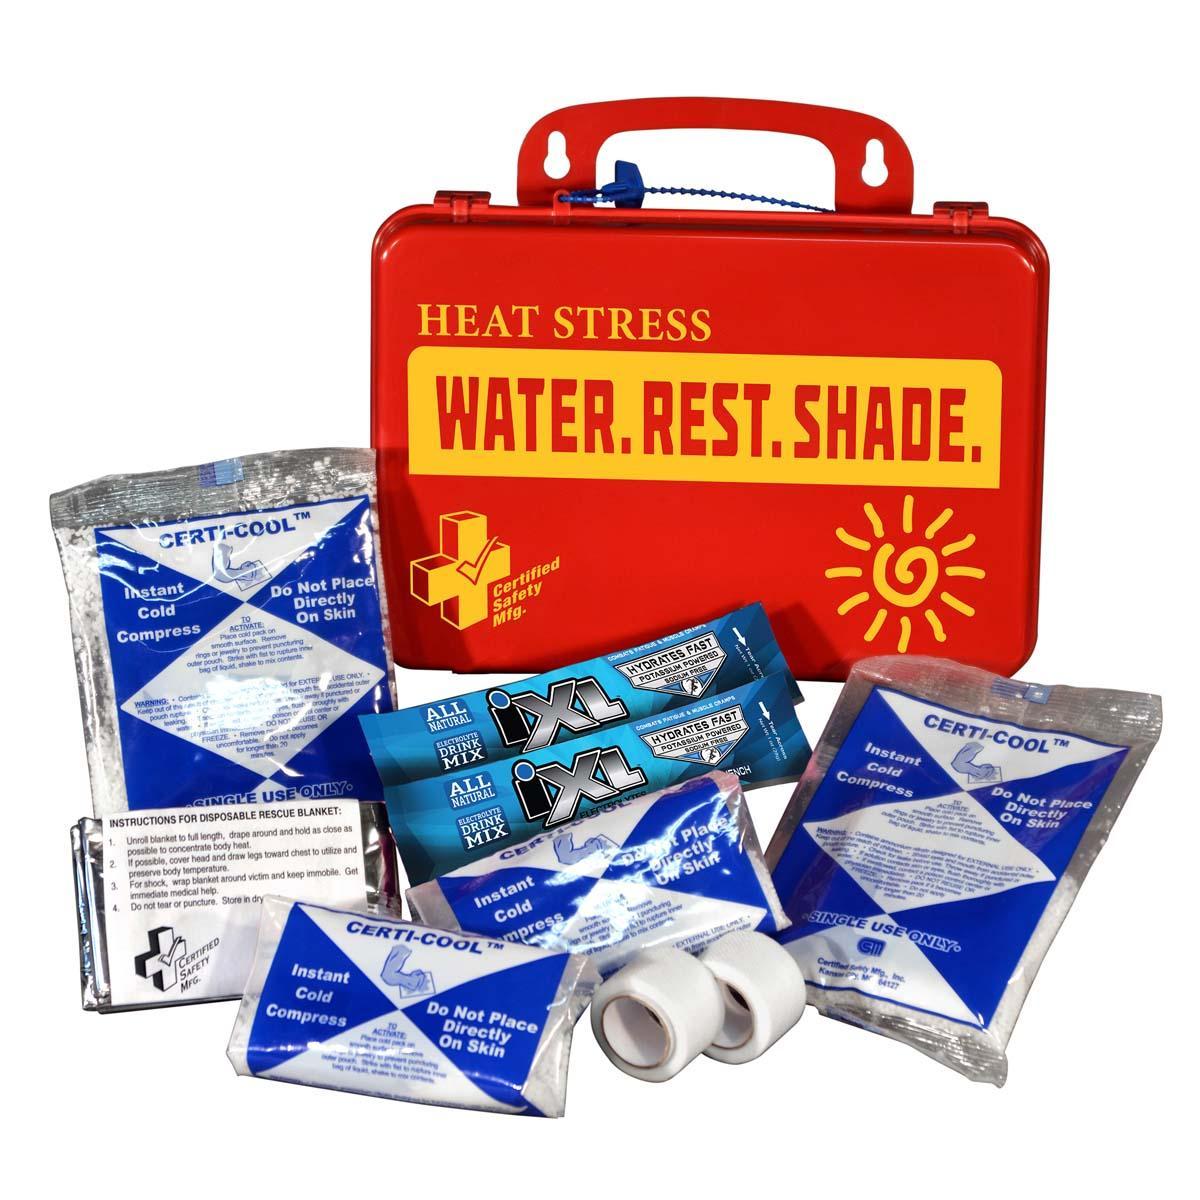 Heat Stress Kit